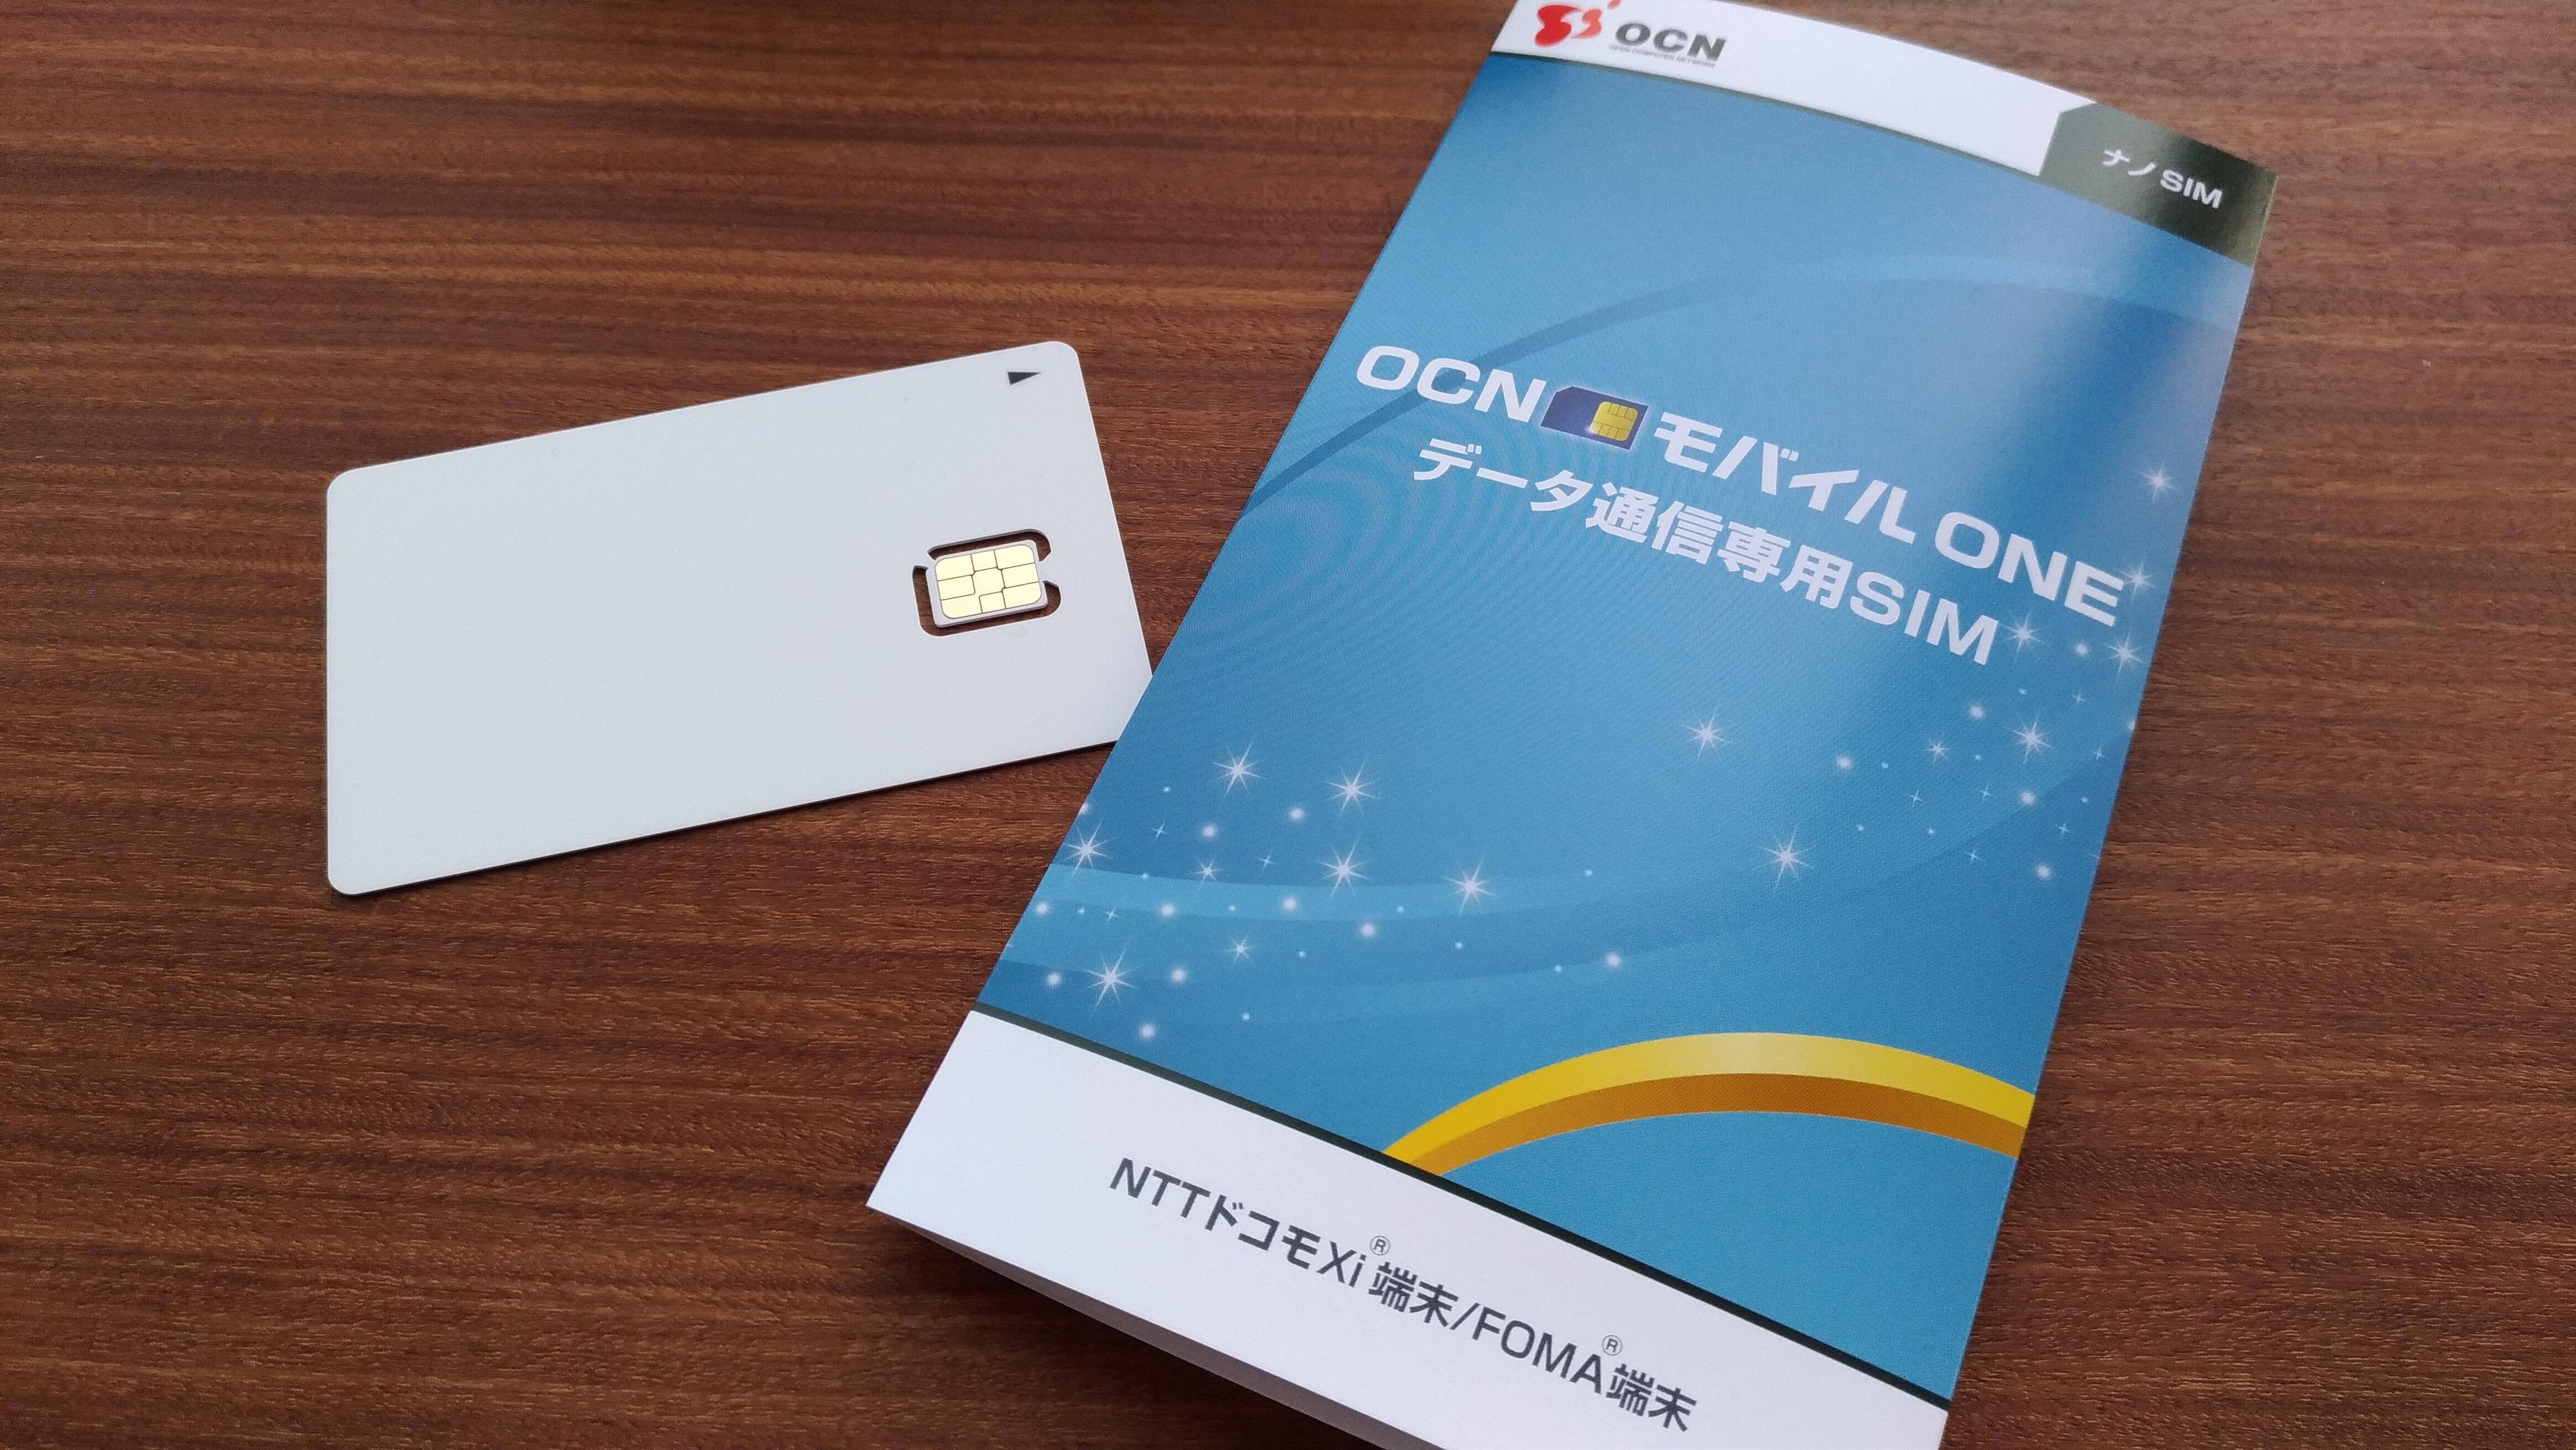 OCNモバイル:ドコモMVNO(格安SIM)